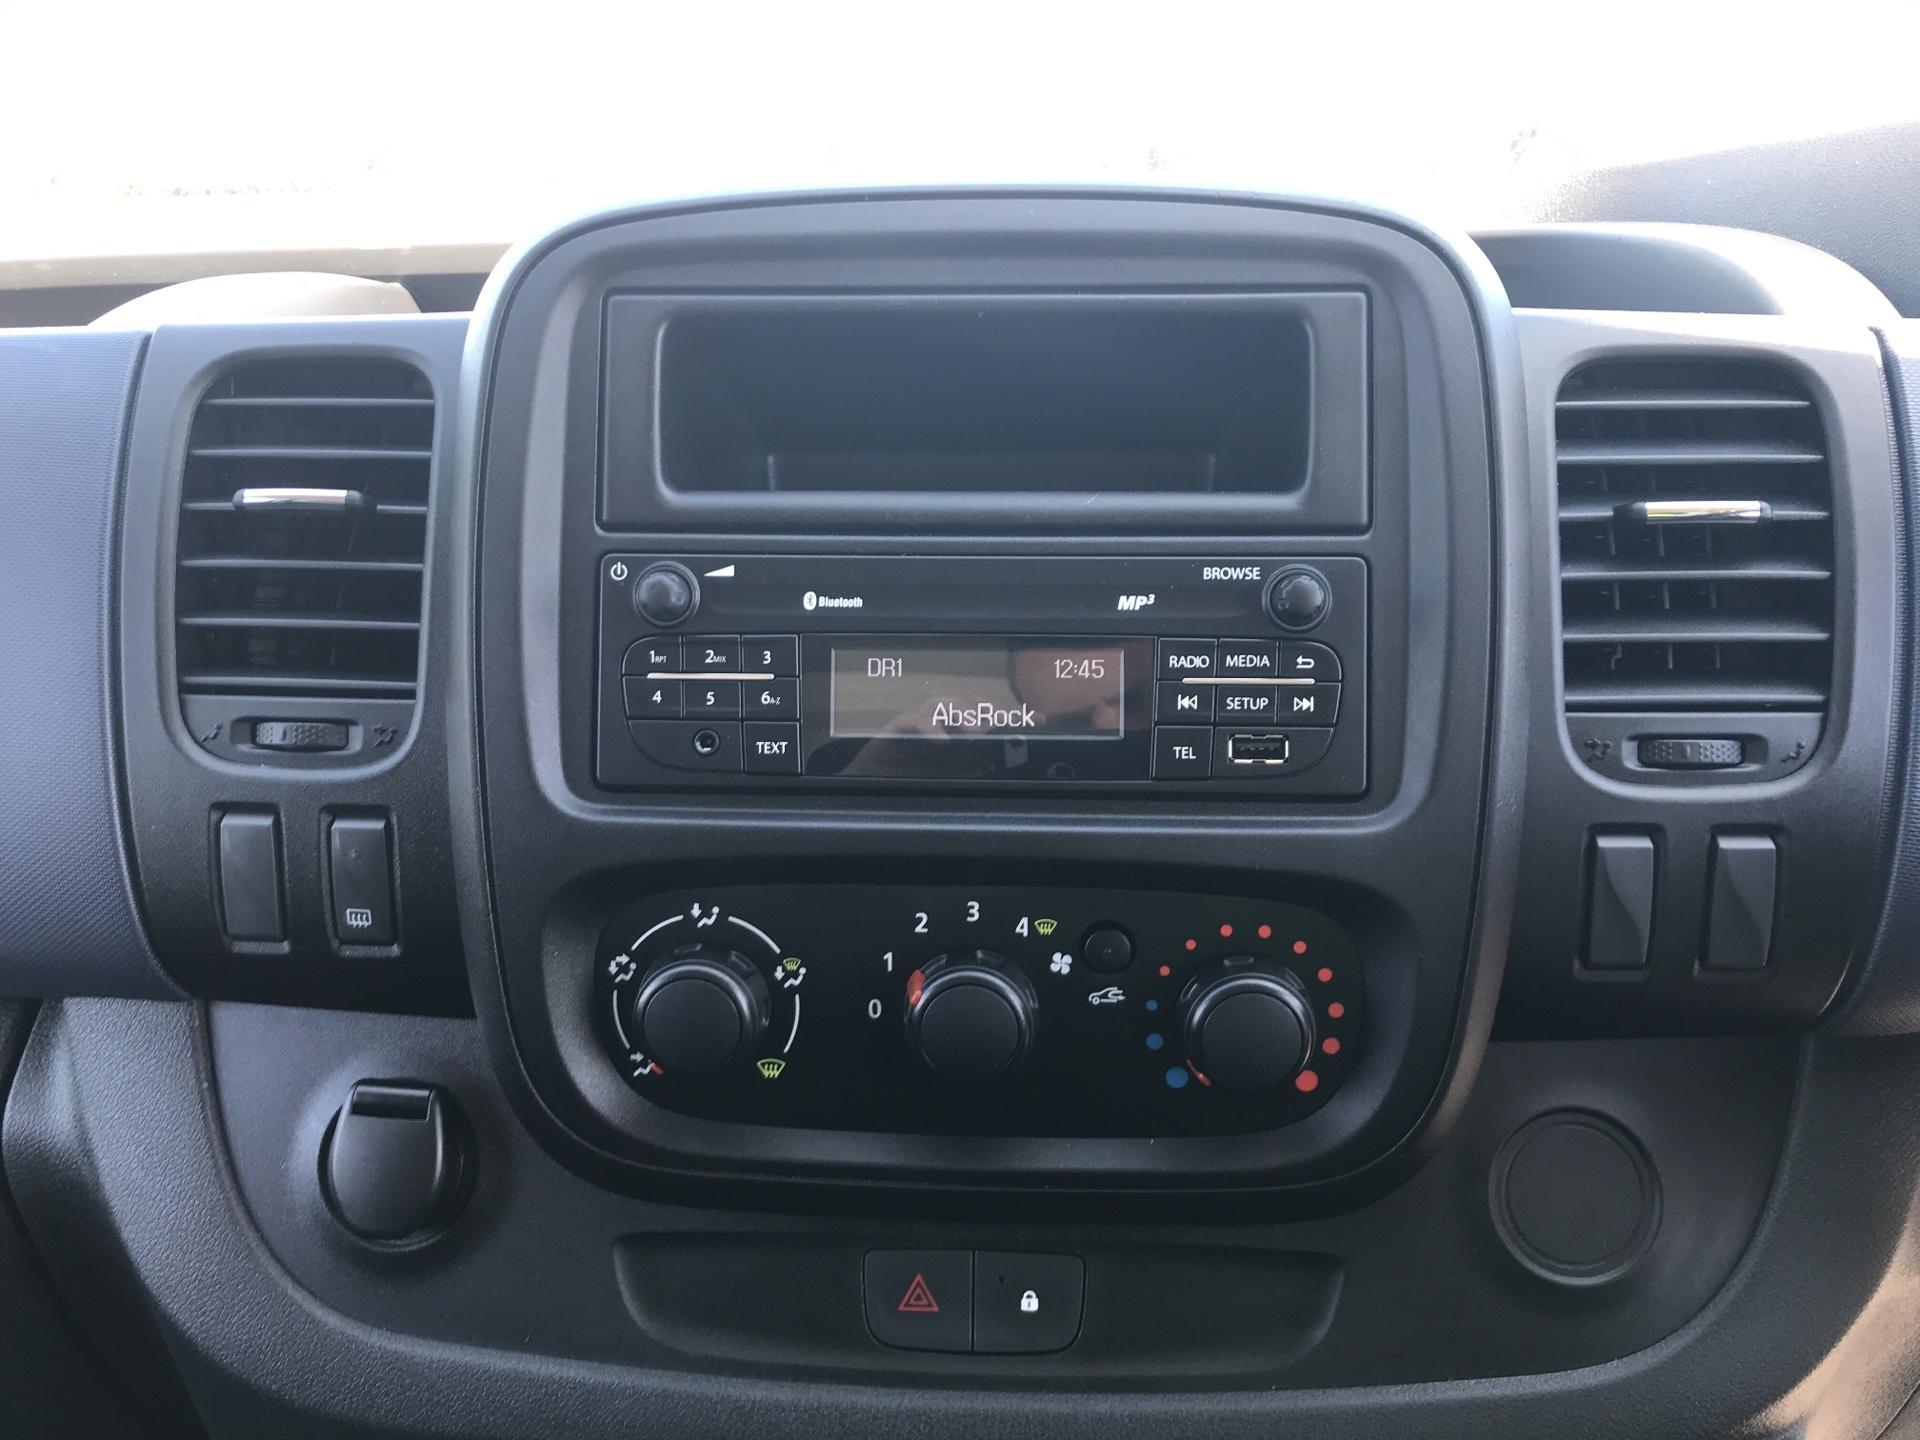 2016 Vauxhall Vivaro L2 H1 2900 1.6Cdti 115Ps EURO 5 (DG16OXS) Image 10